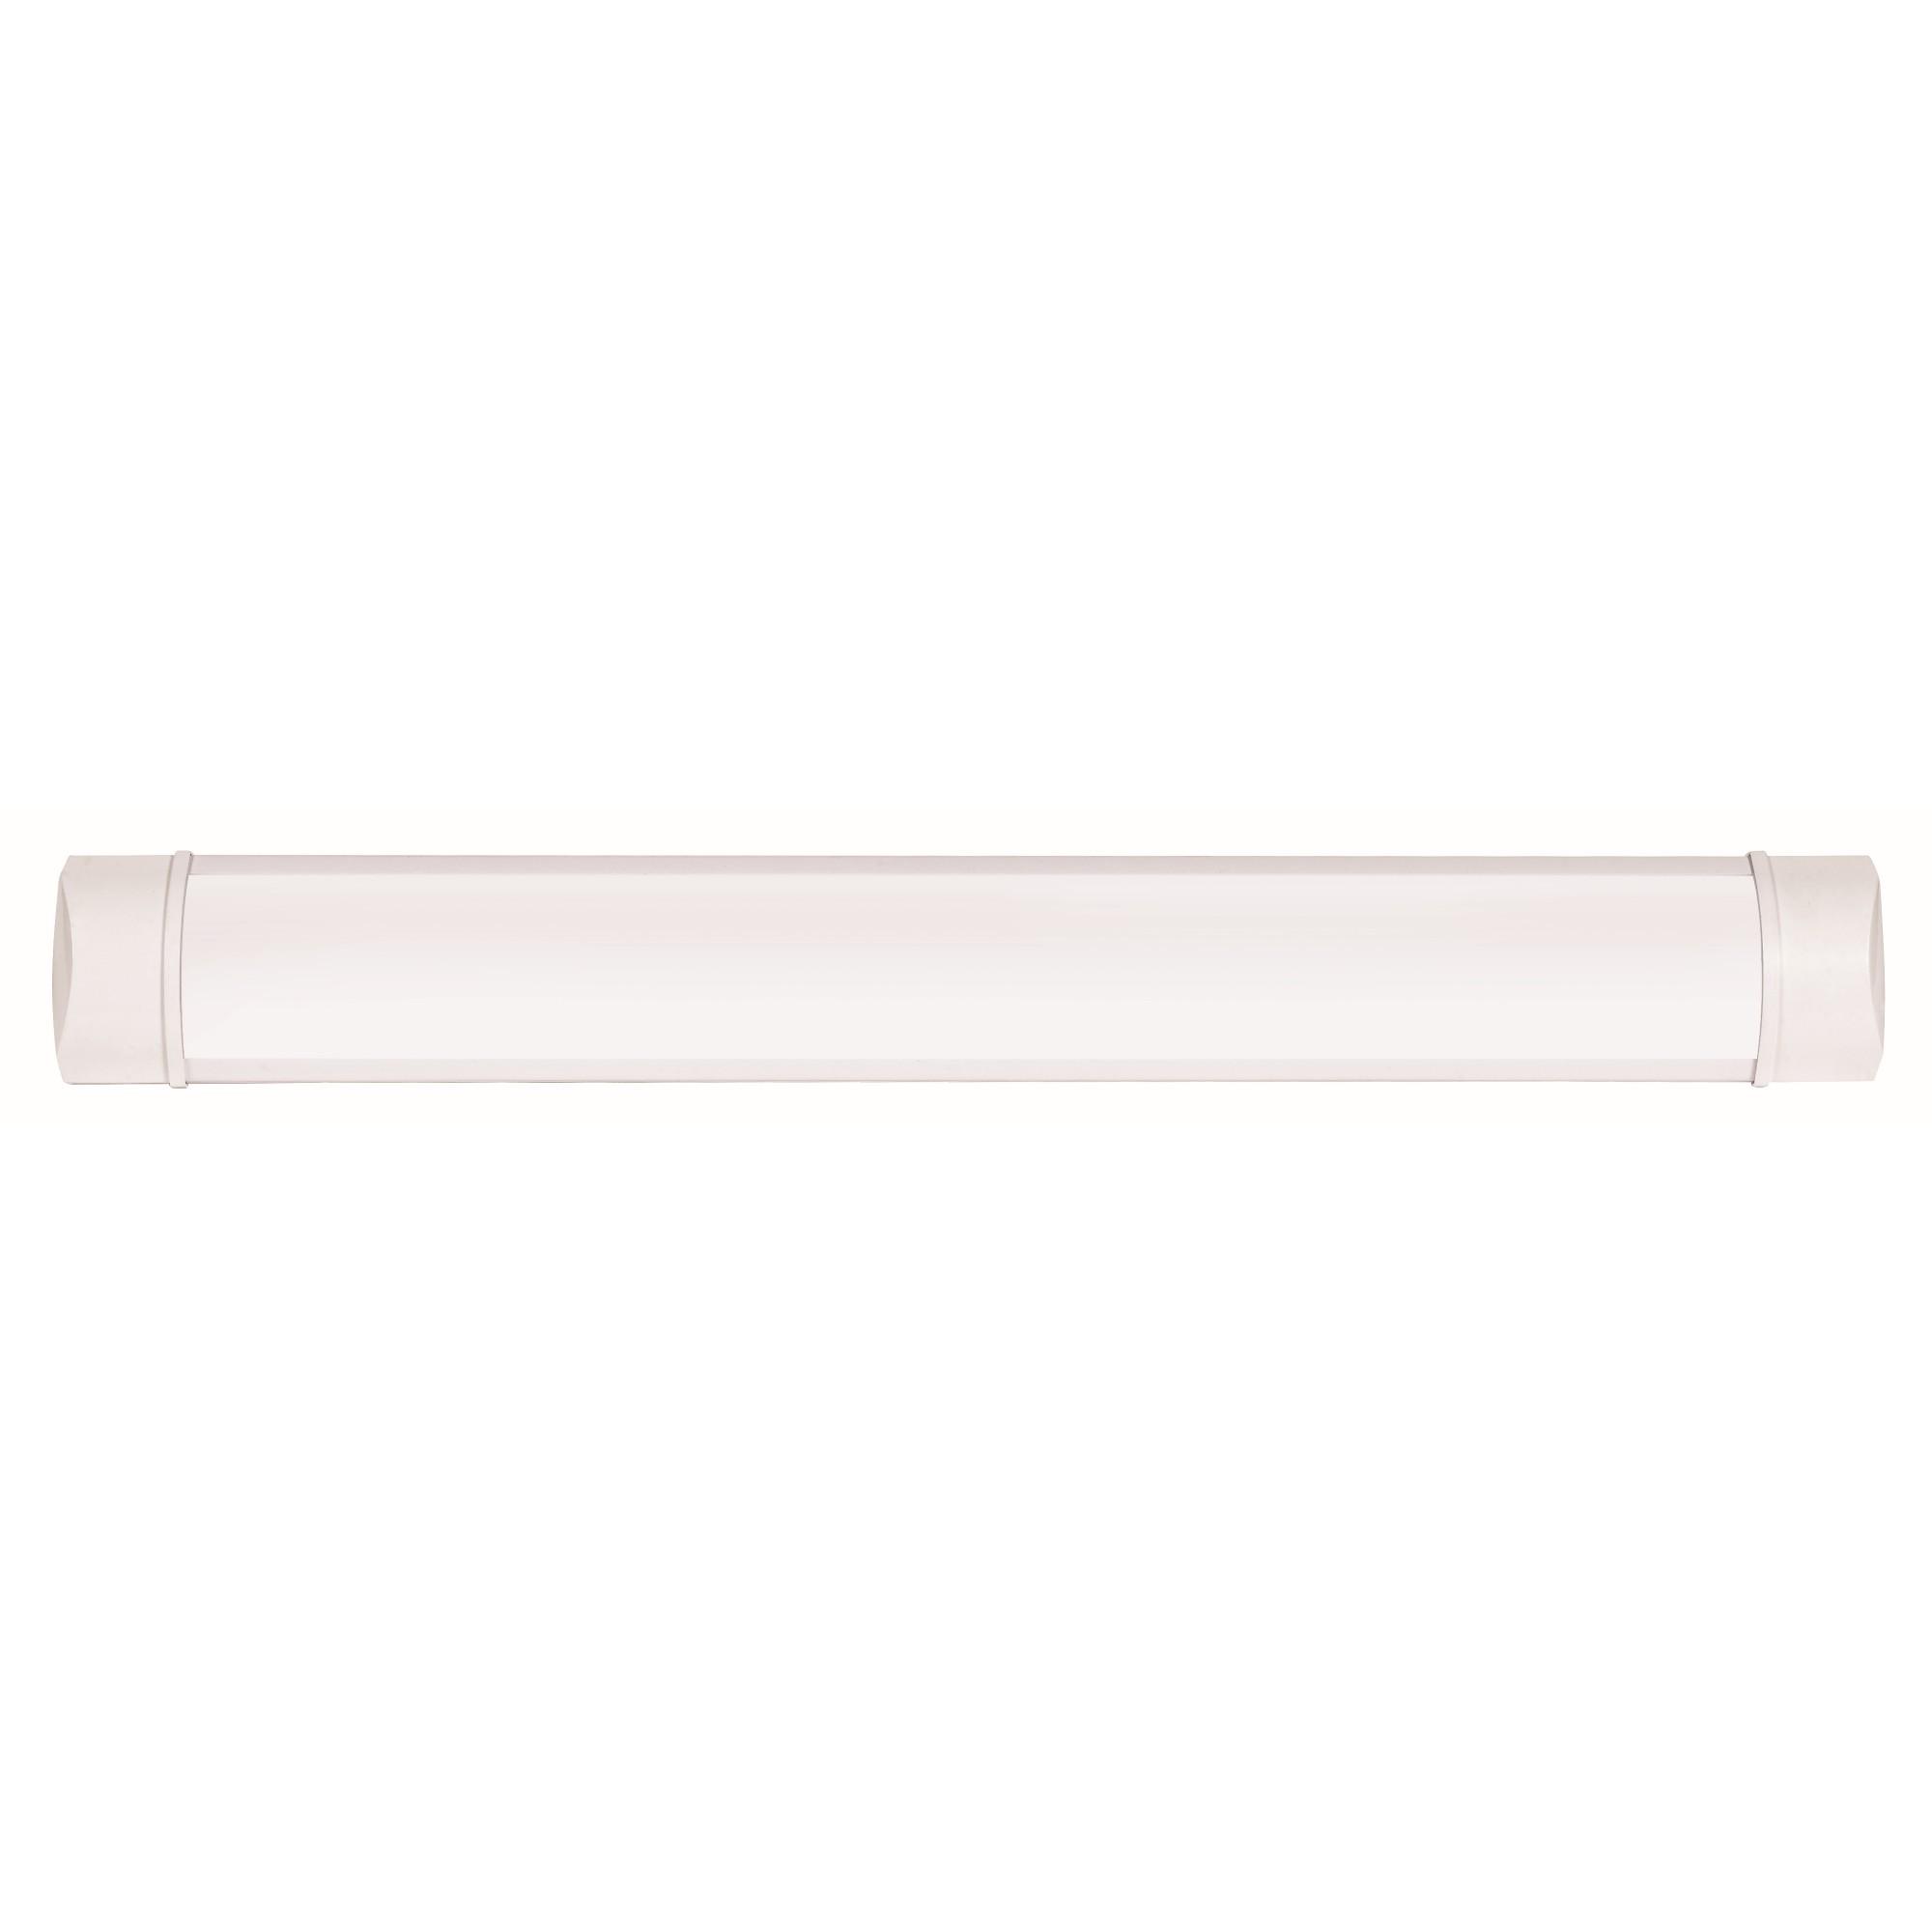 Luminaria Tubular de Sobrepor Plastico Branca 110220V - BV - Ecoline